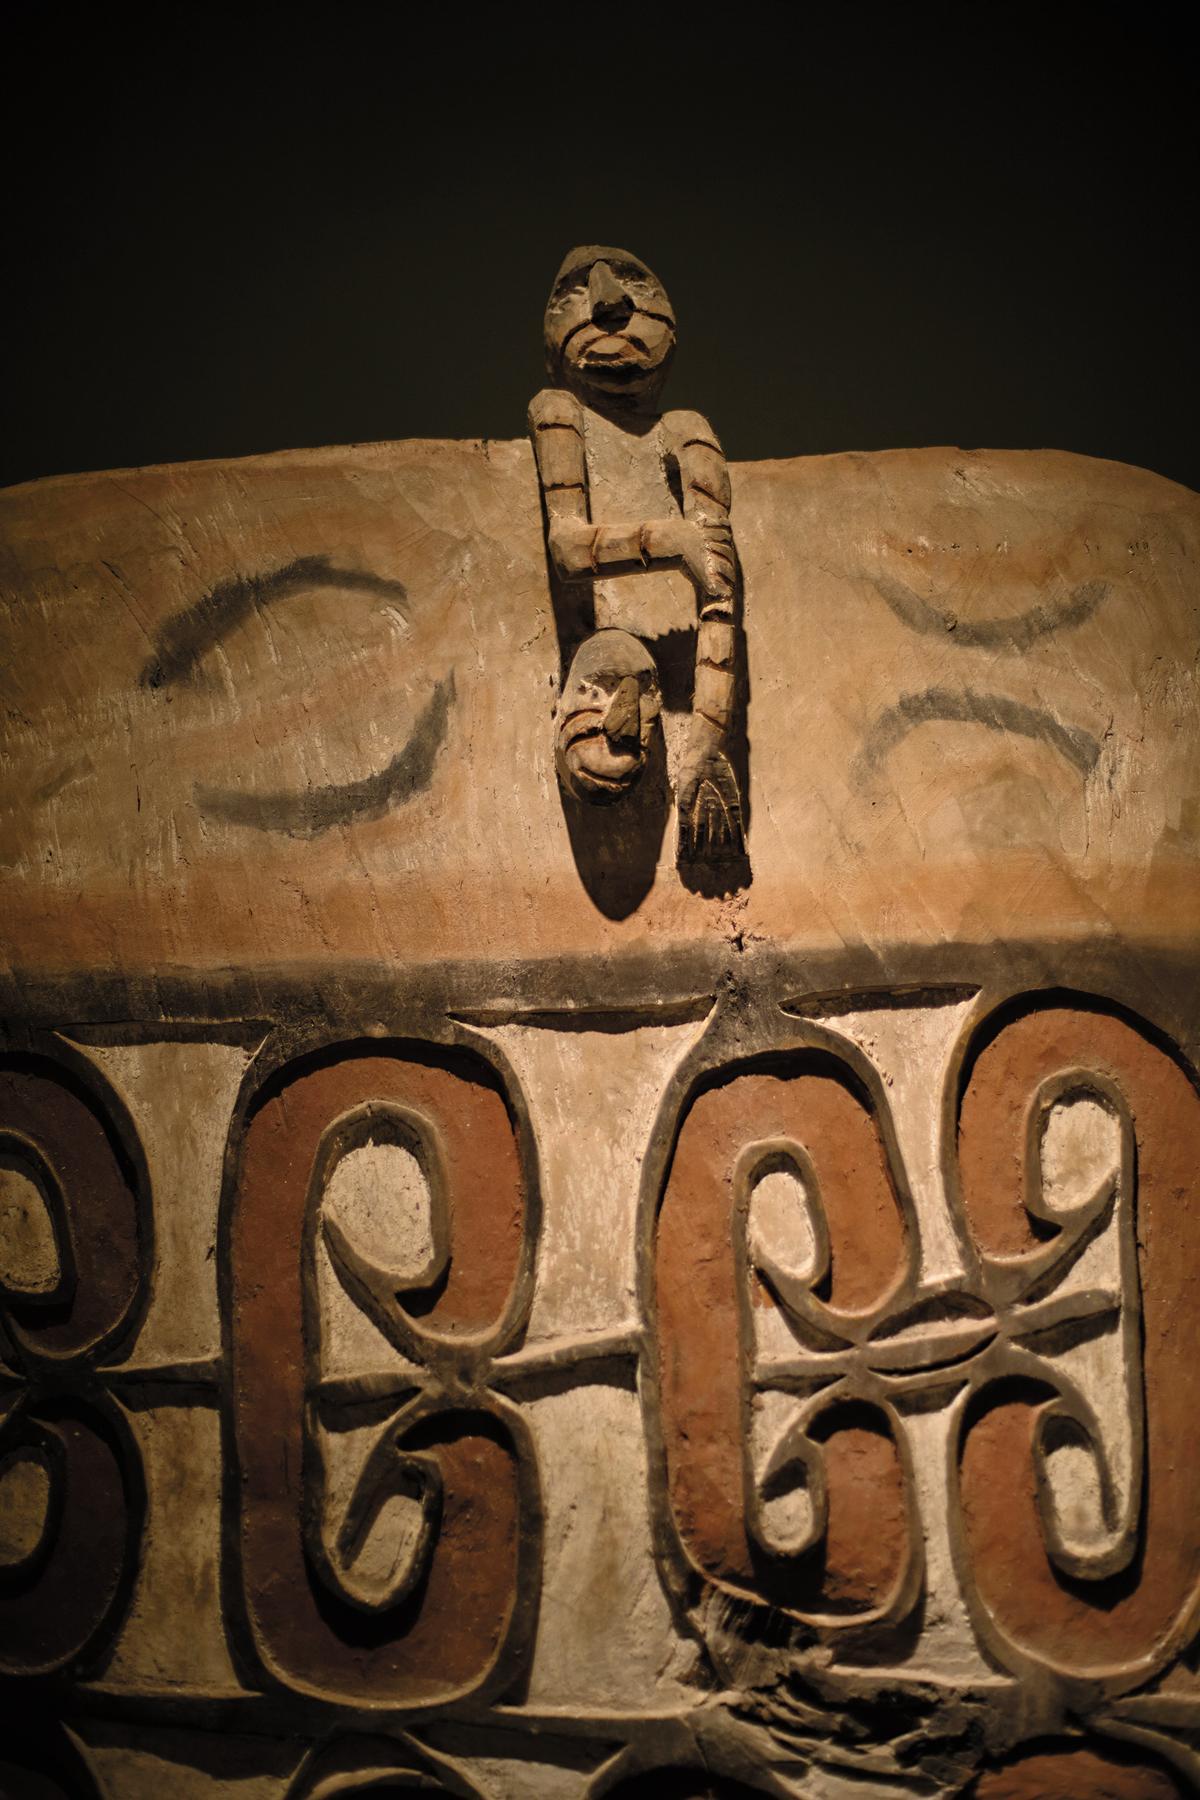 喝咖啡時走逛店內,也可以看見傳統的印尼木雕作品。